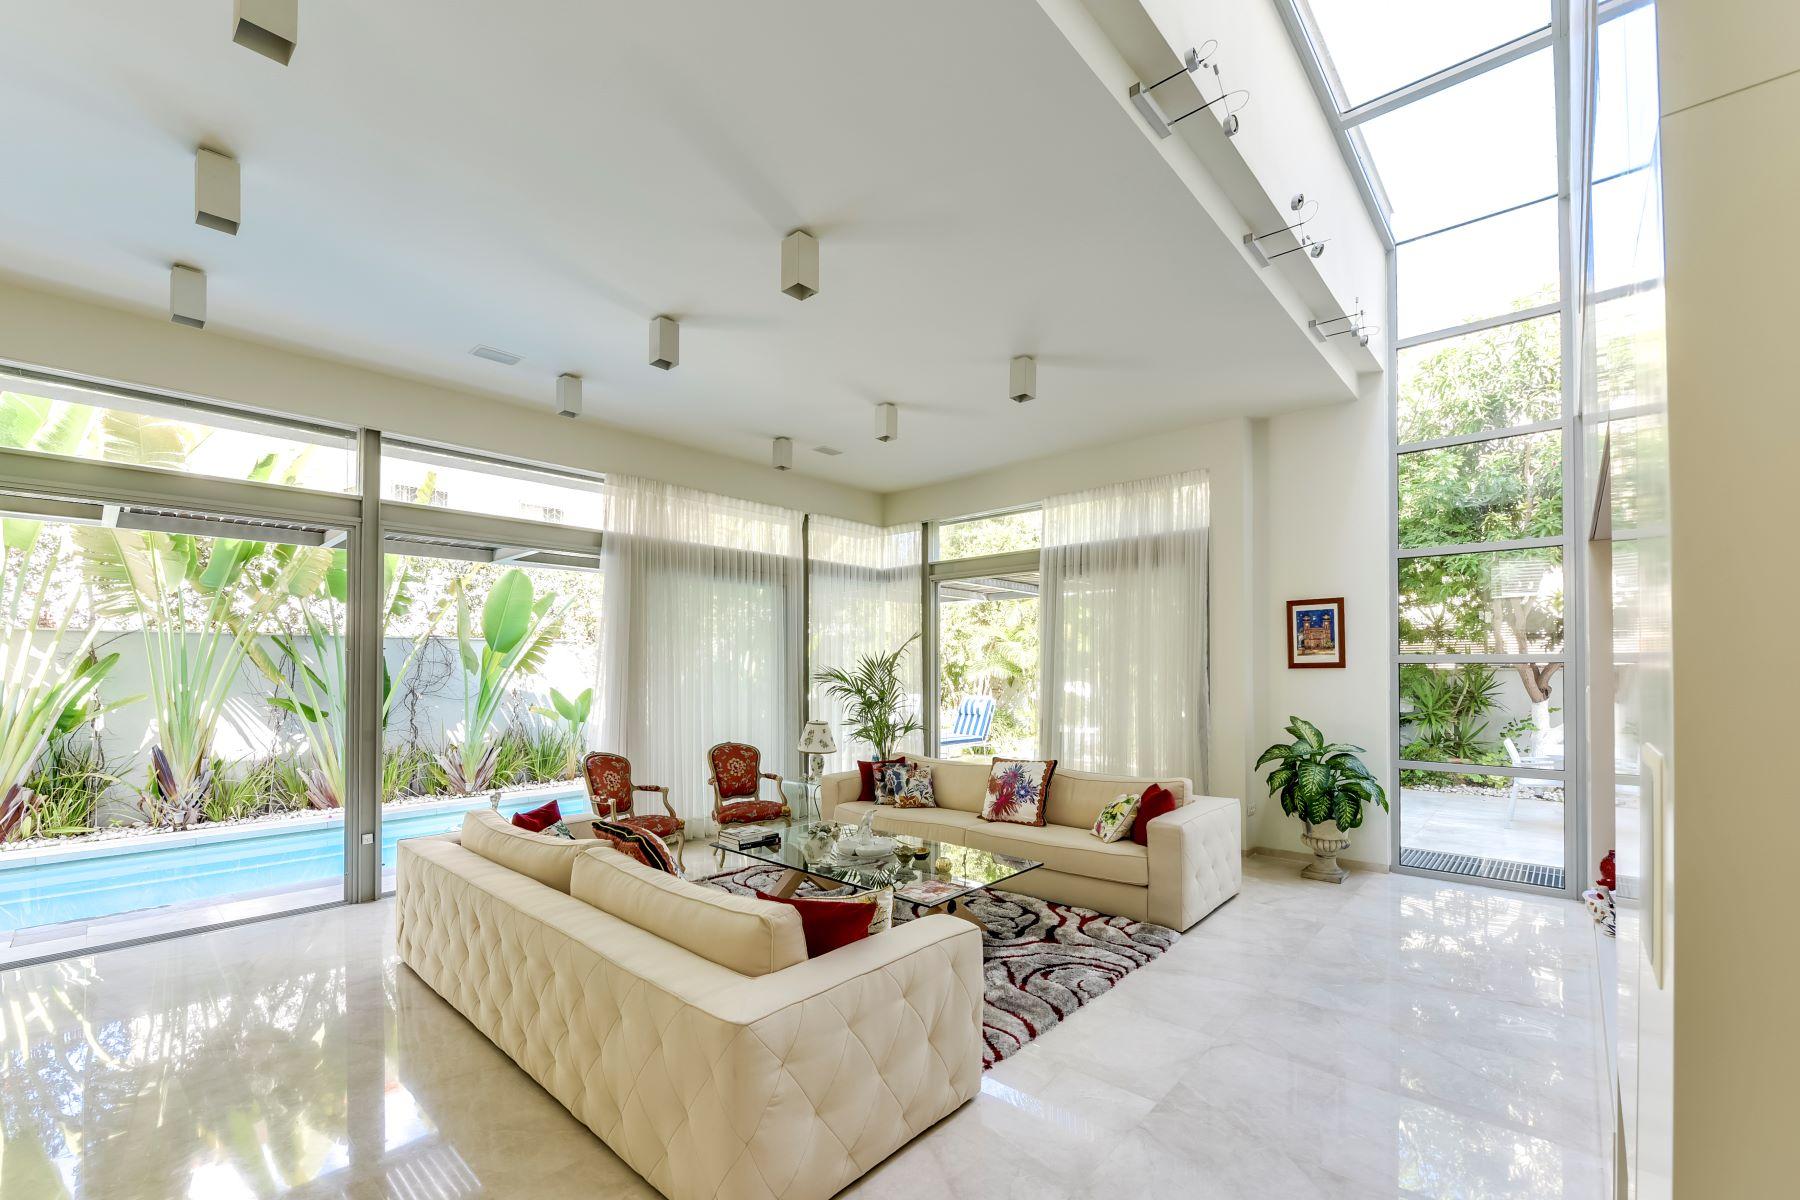 Частный односемейный дом для того Продажа на A Marvelous Elegant Villa In The Heart Of Herzlyia Pituach. Herzliya, Израиль